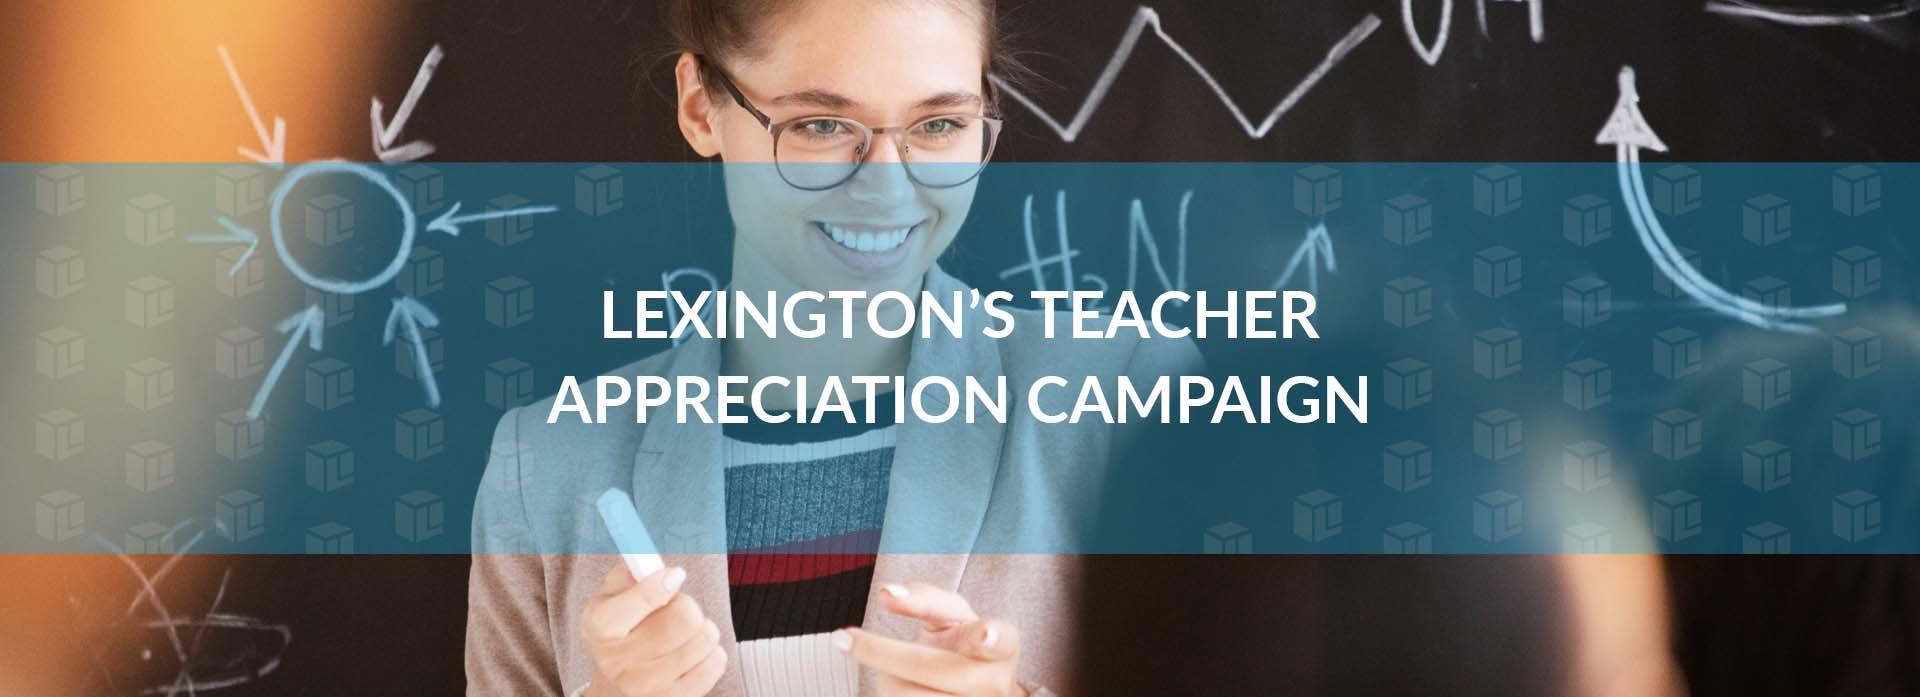 Announcing Lexington's Teacher Appreciation Campaign